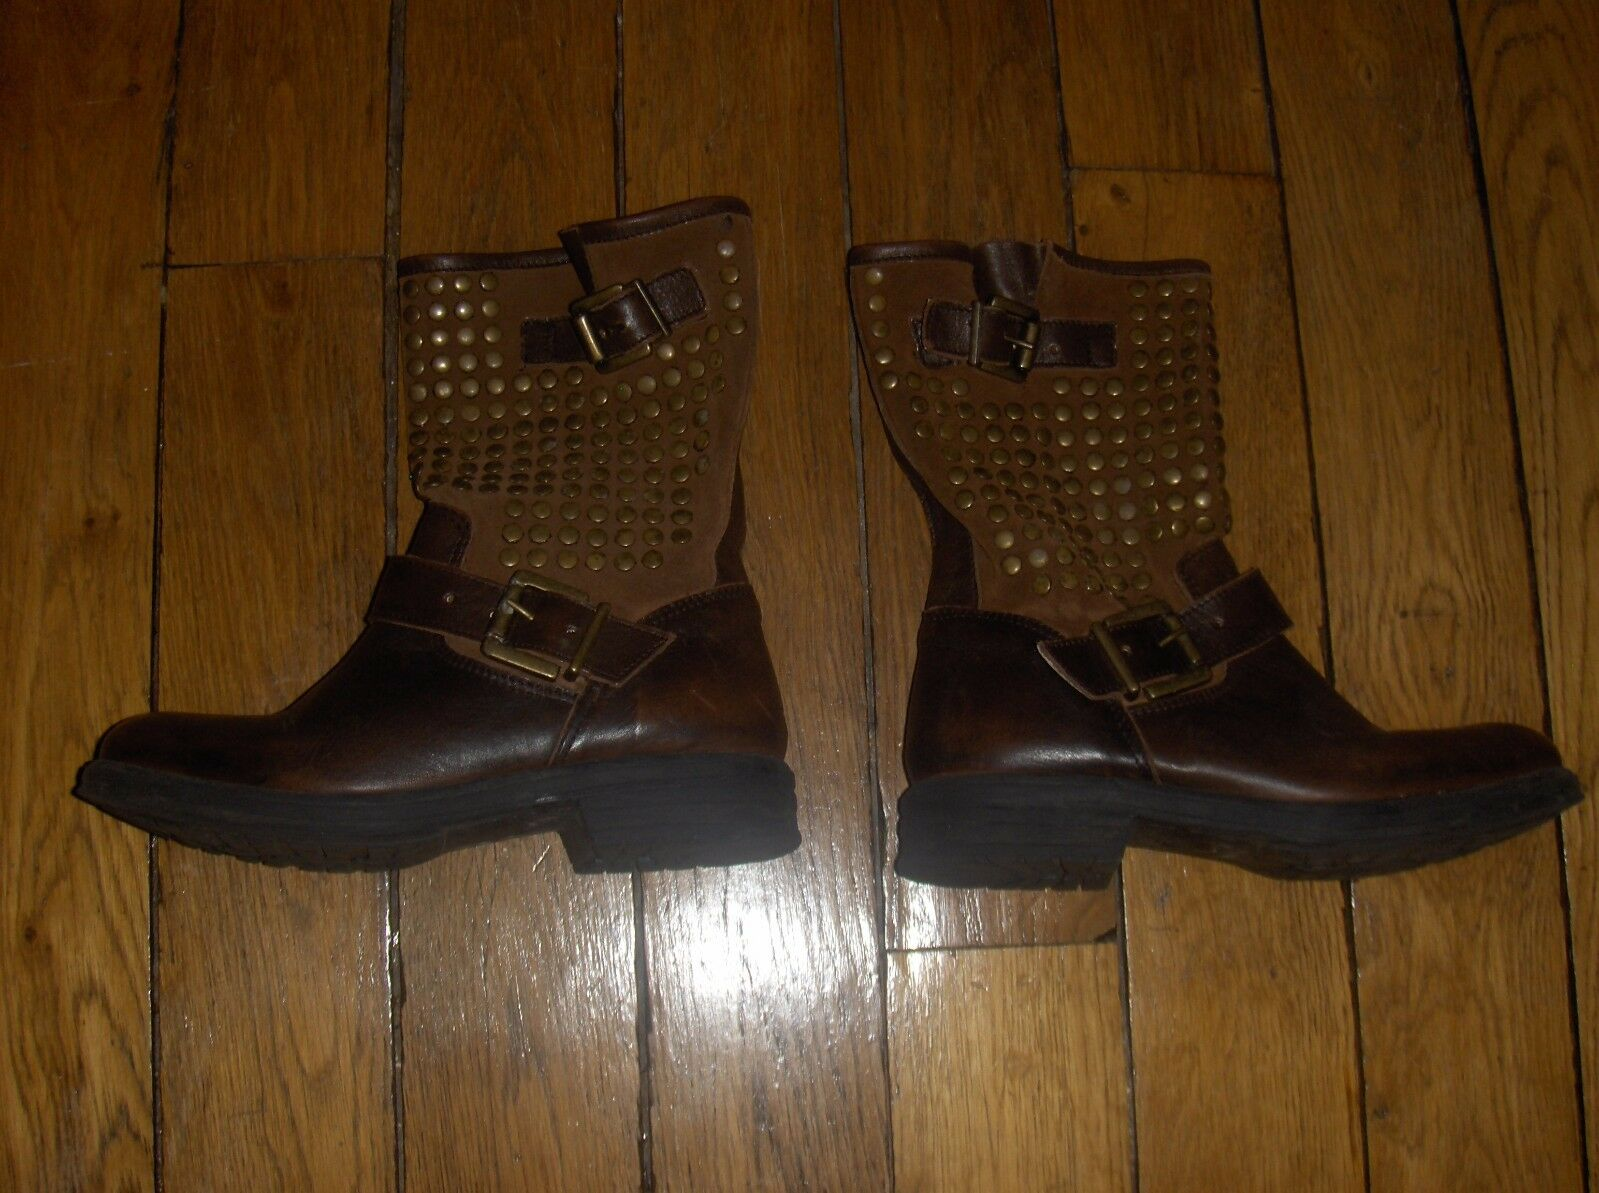 BELLES BOTTINES CLOUTEES EDEN chaussures TAILLE 36 COULEUR MARRON 100% CUIR